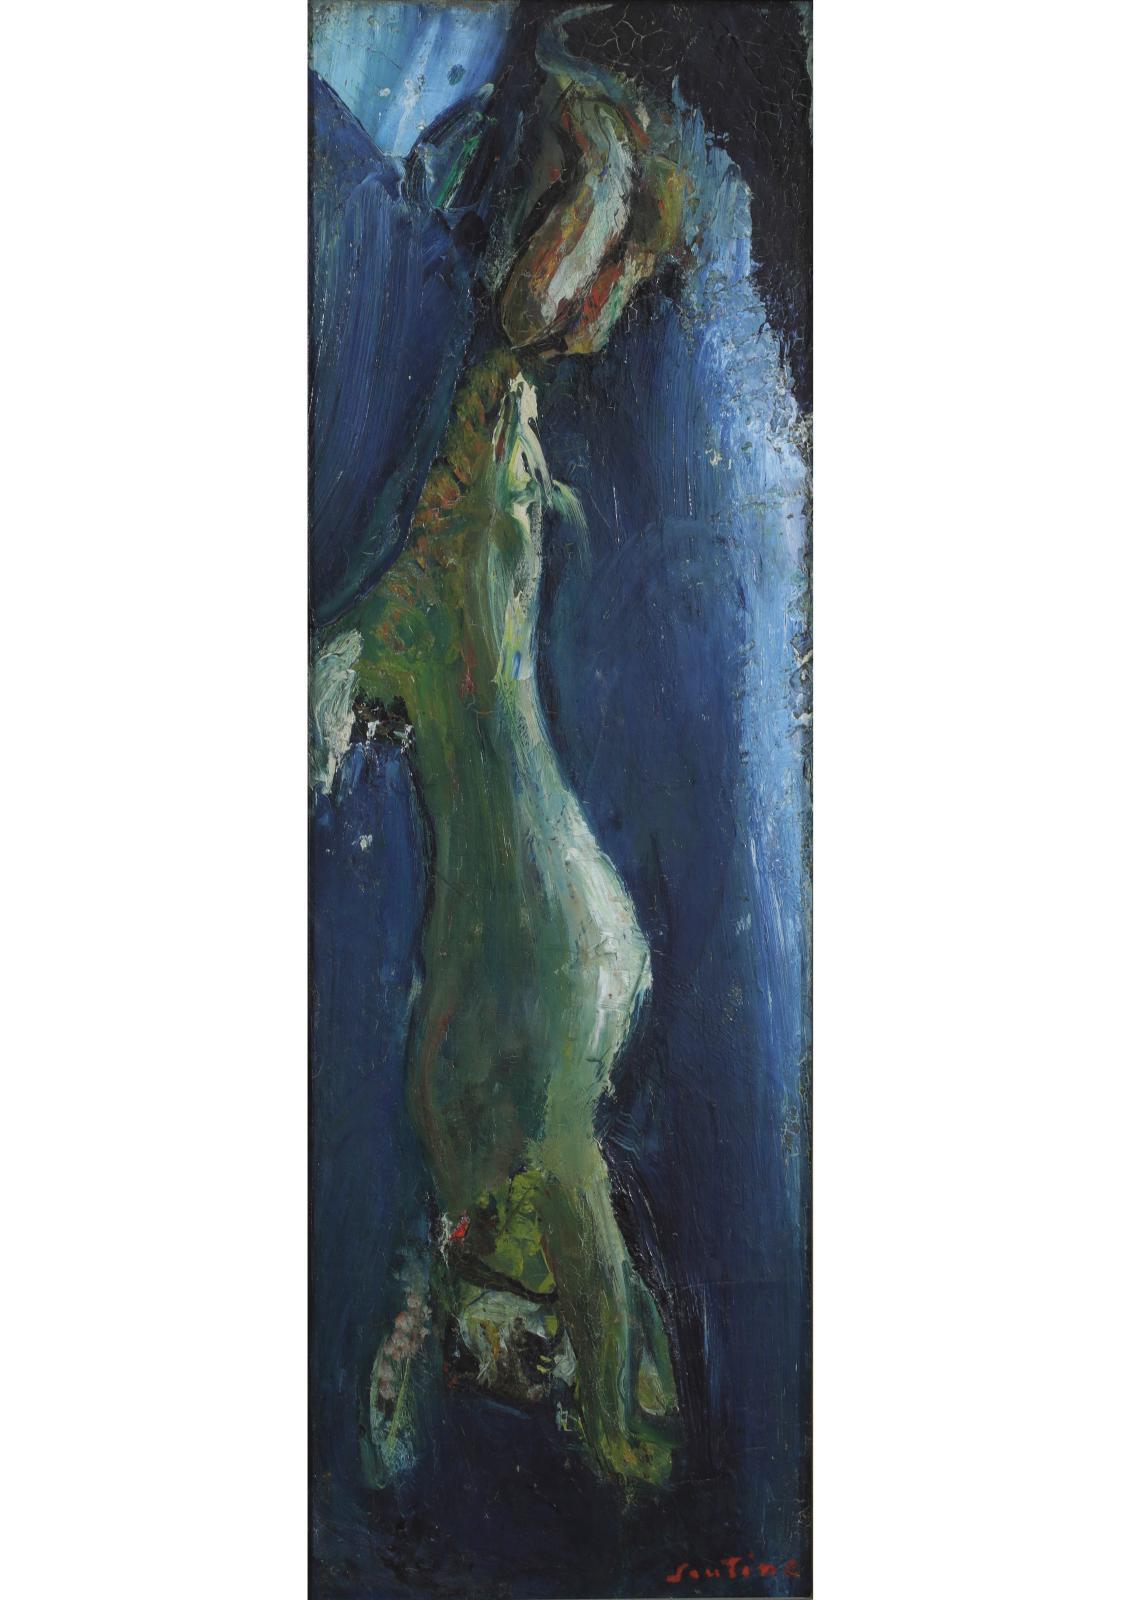 Chaïm Soutine (1893-1943), Lièvre pendu, vers 1925-1926, huile sur toile, 73x24cm, Troyes, musée d'art moderne, collections nationales